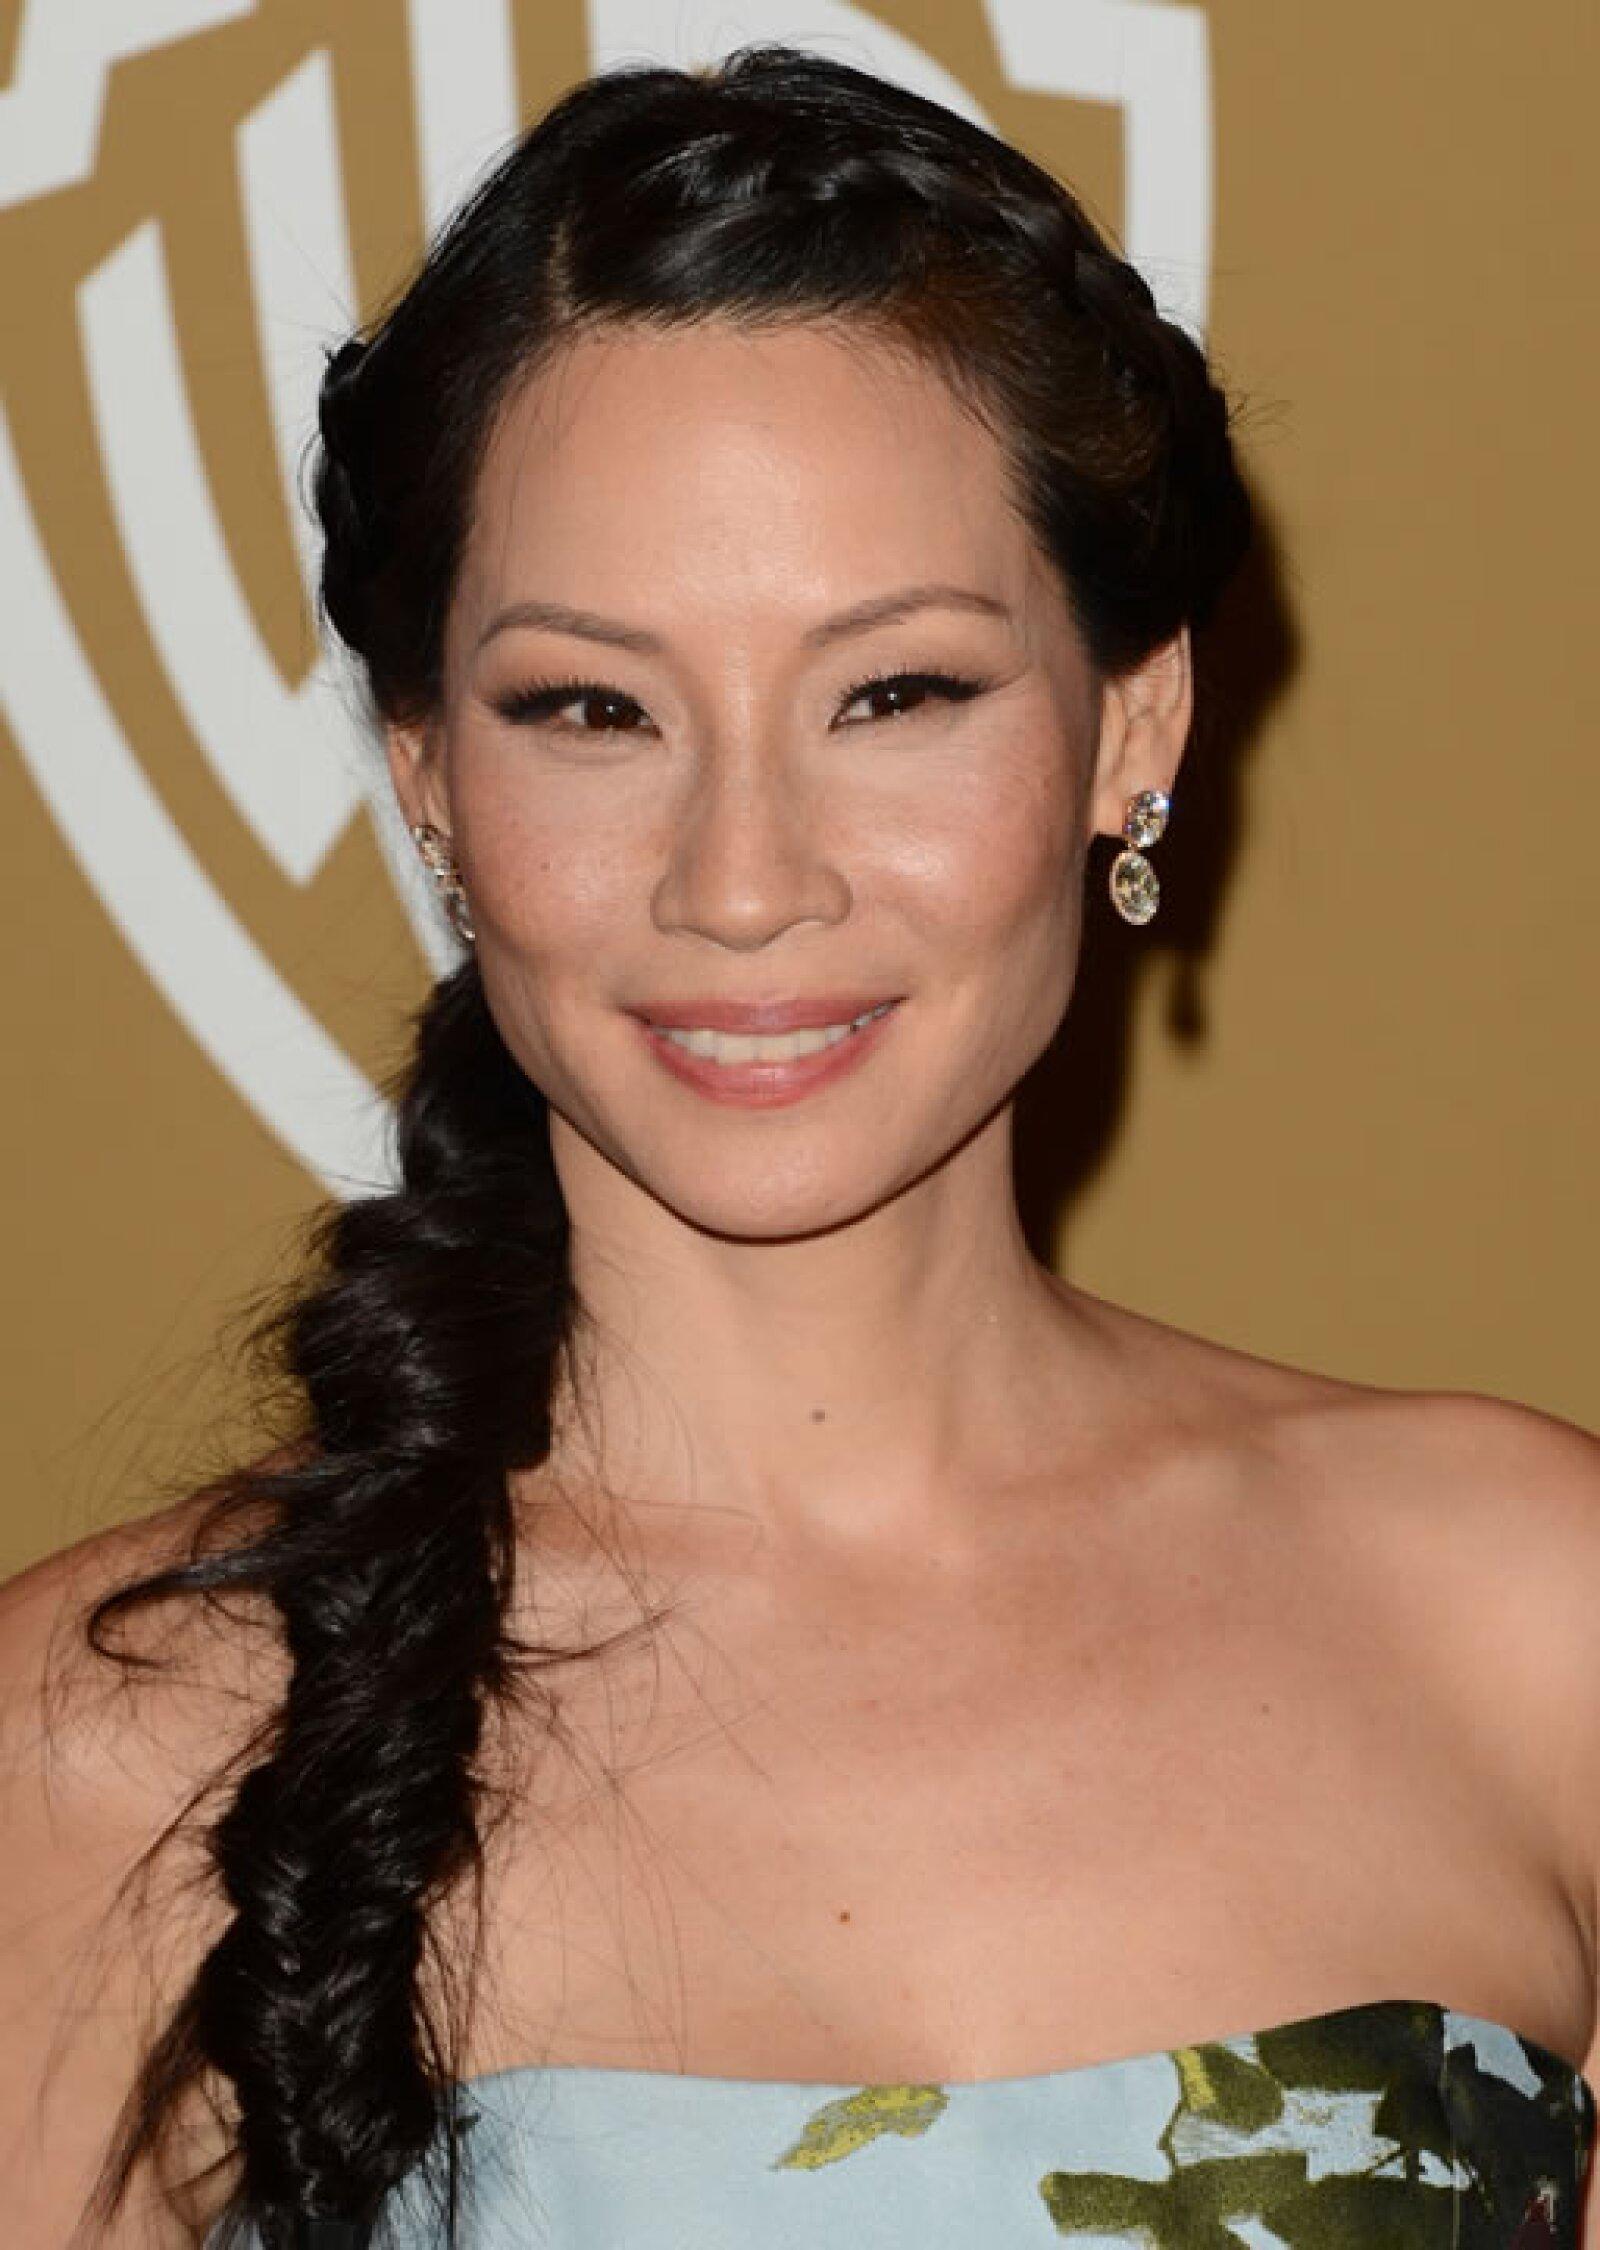 Lucy Liu se especializó en Lenguas Asiáticas antes de convertirse en la estrella de Hollywood que ahora es.